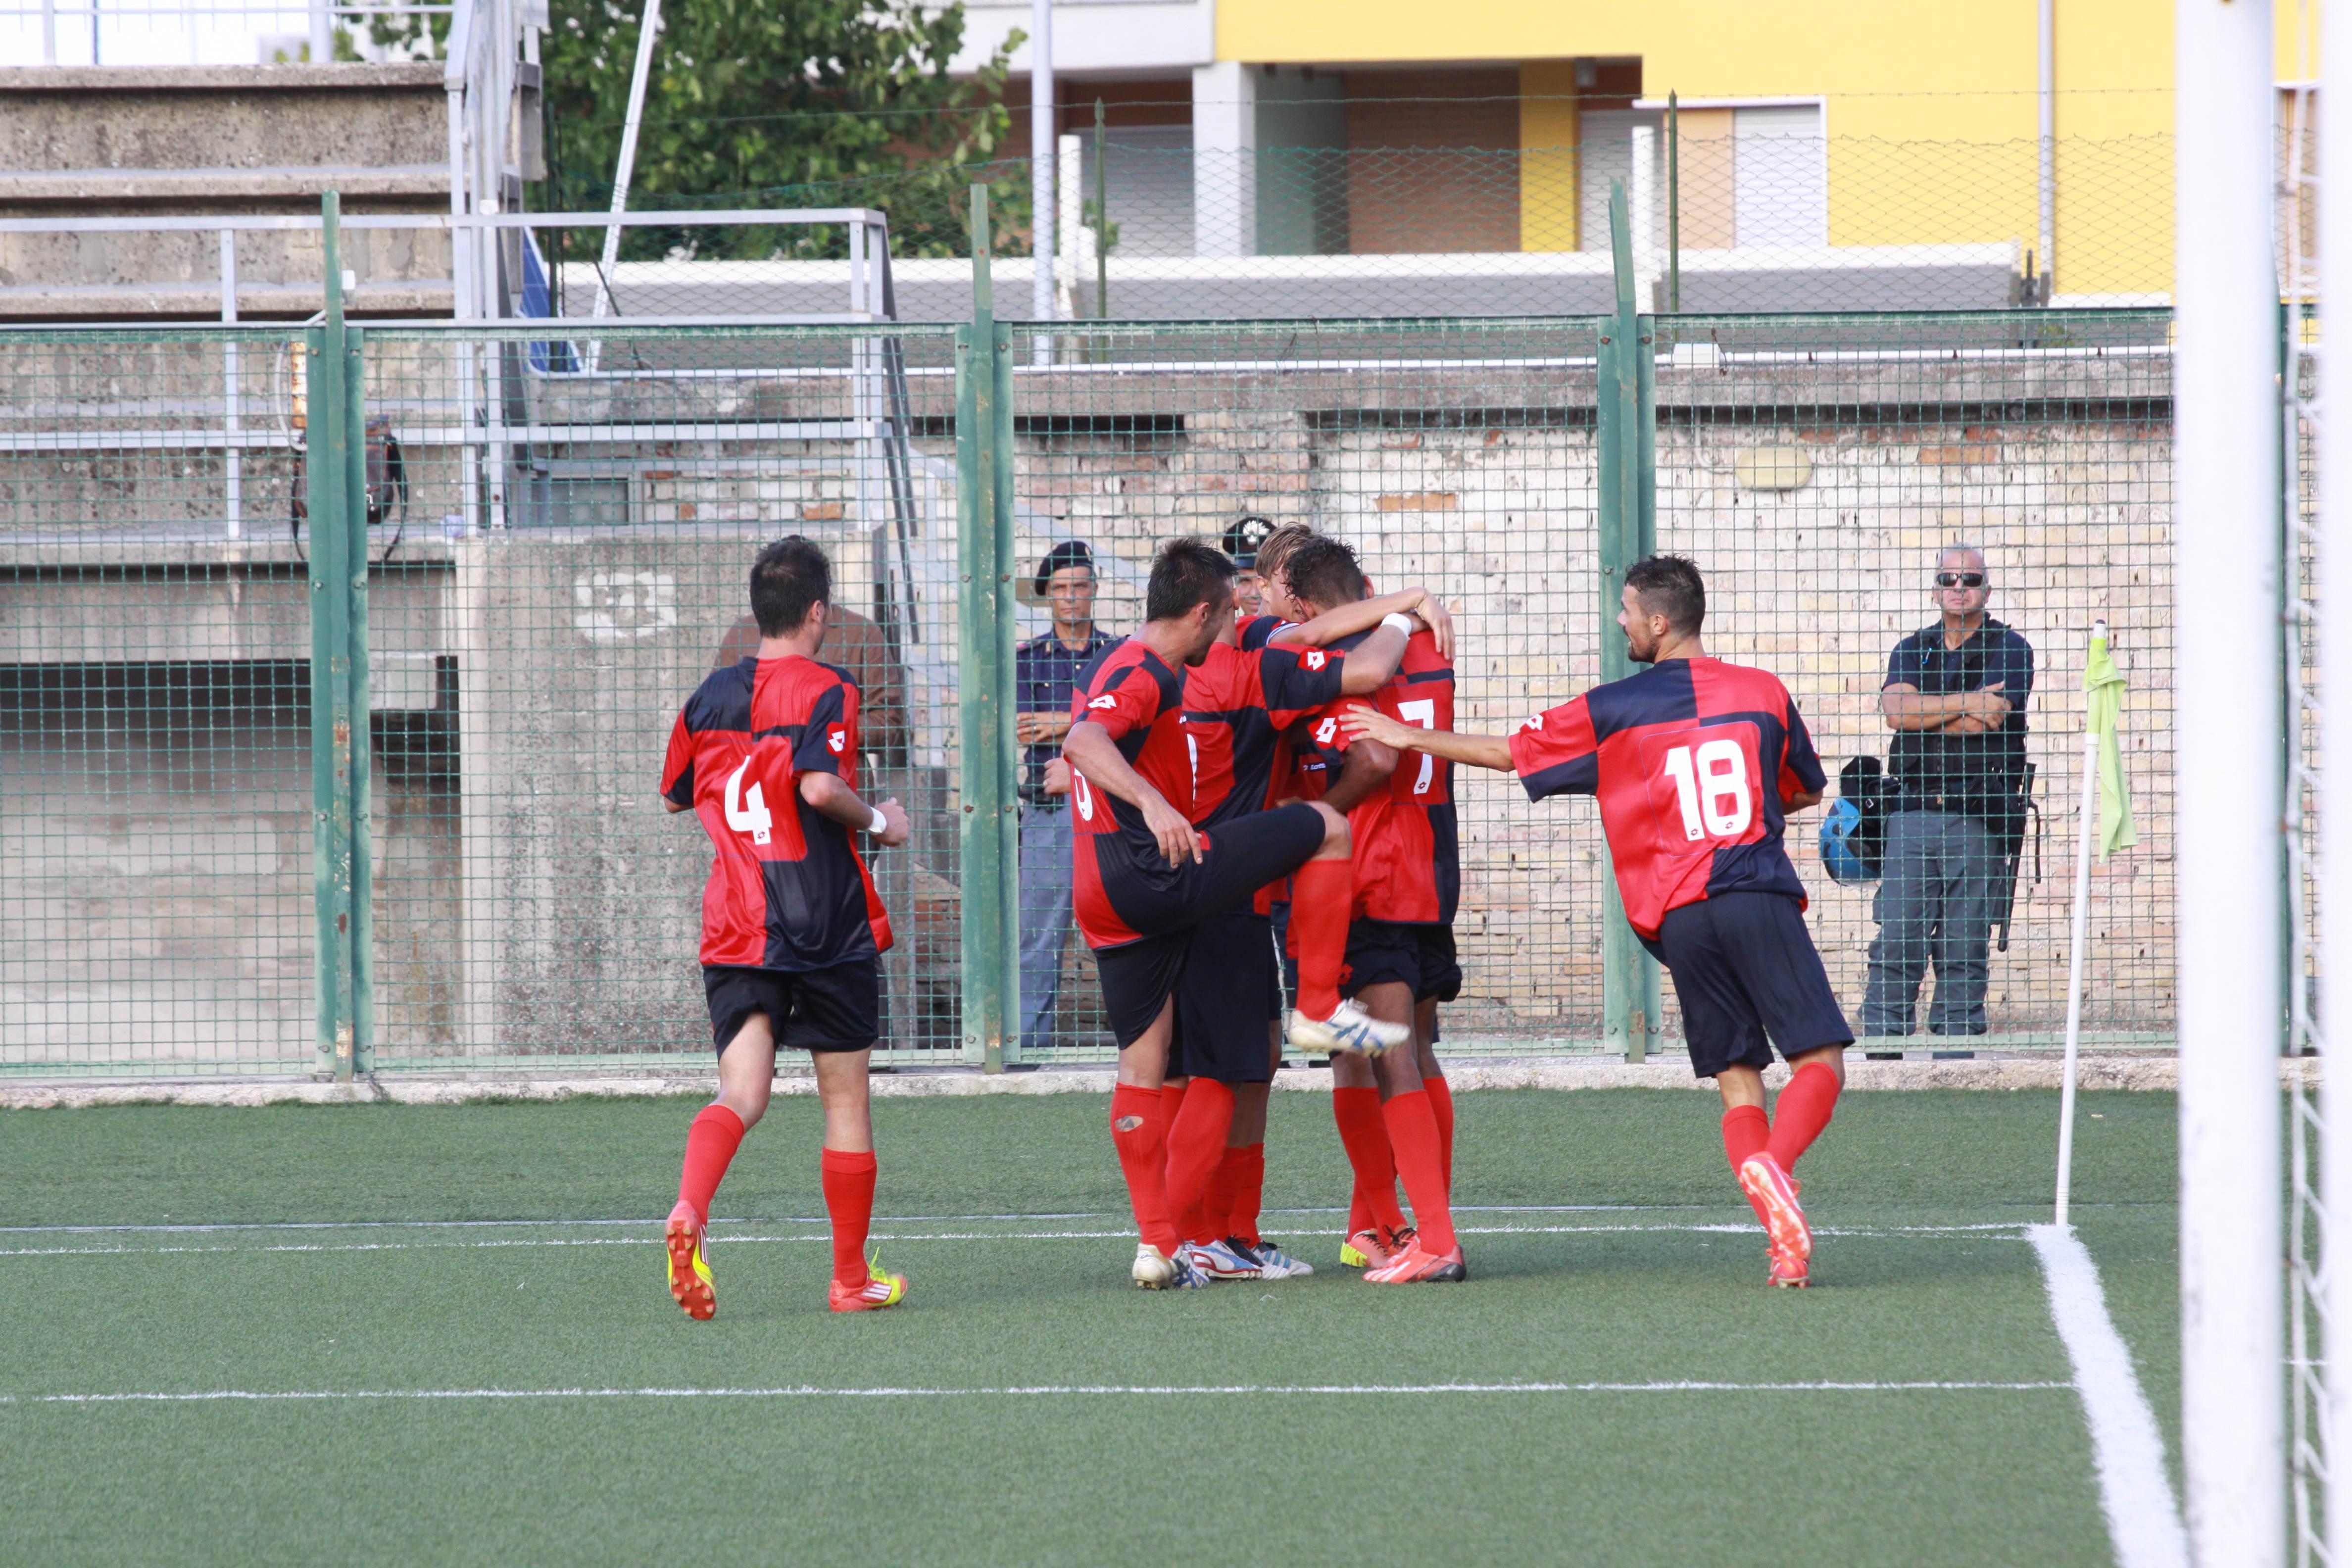 L'esultanza al 3-1 di Padovani (Bianchini)